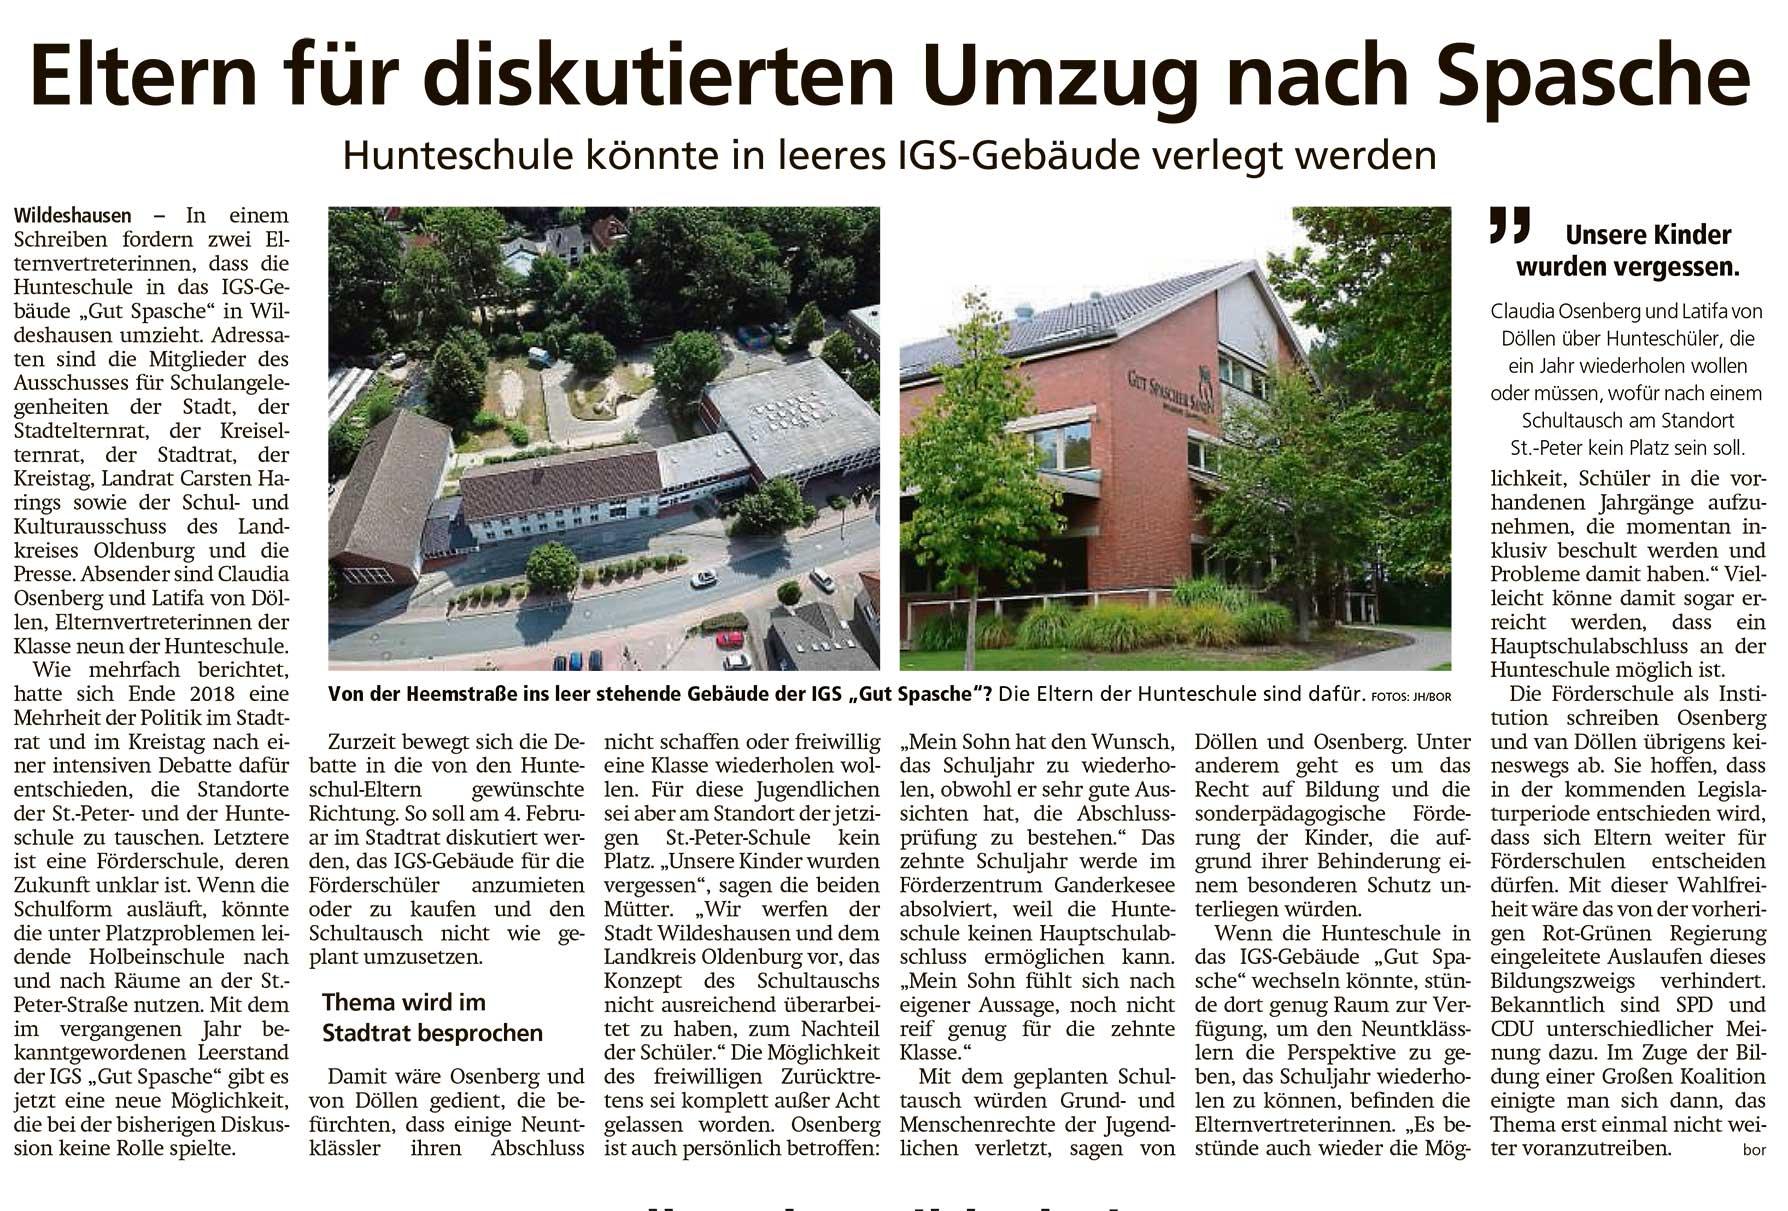 Eltern für diskutierten Umzug nach SpascheHunteschule könnte in leeres IGS-Gebäude verlegt werdenArtikel vom 28.01.2021 (WZ)